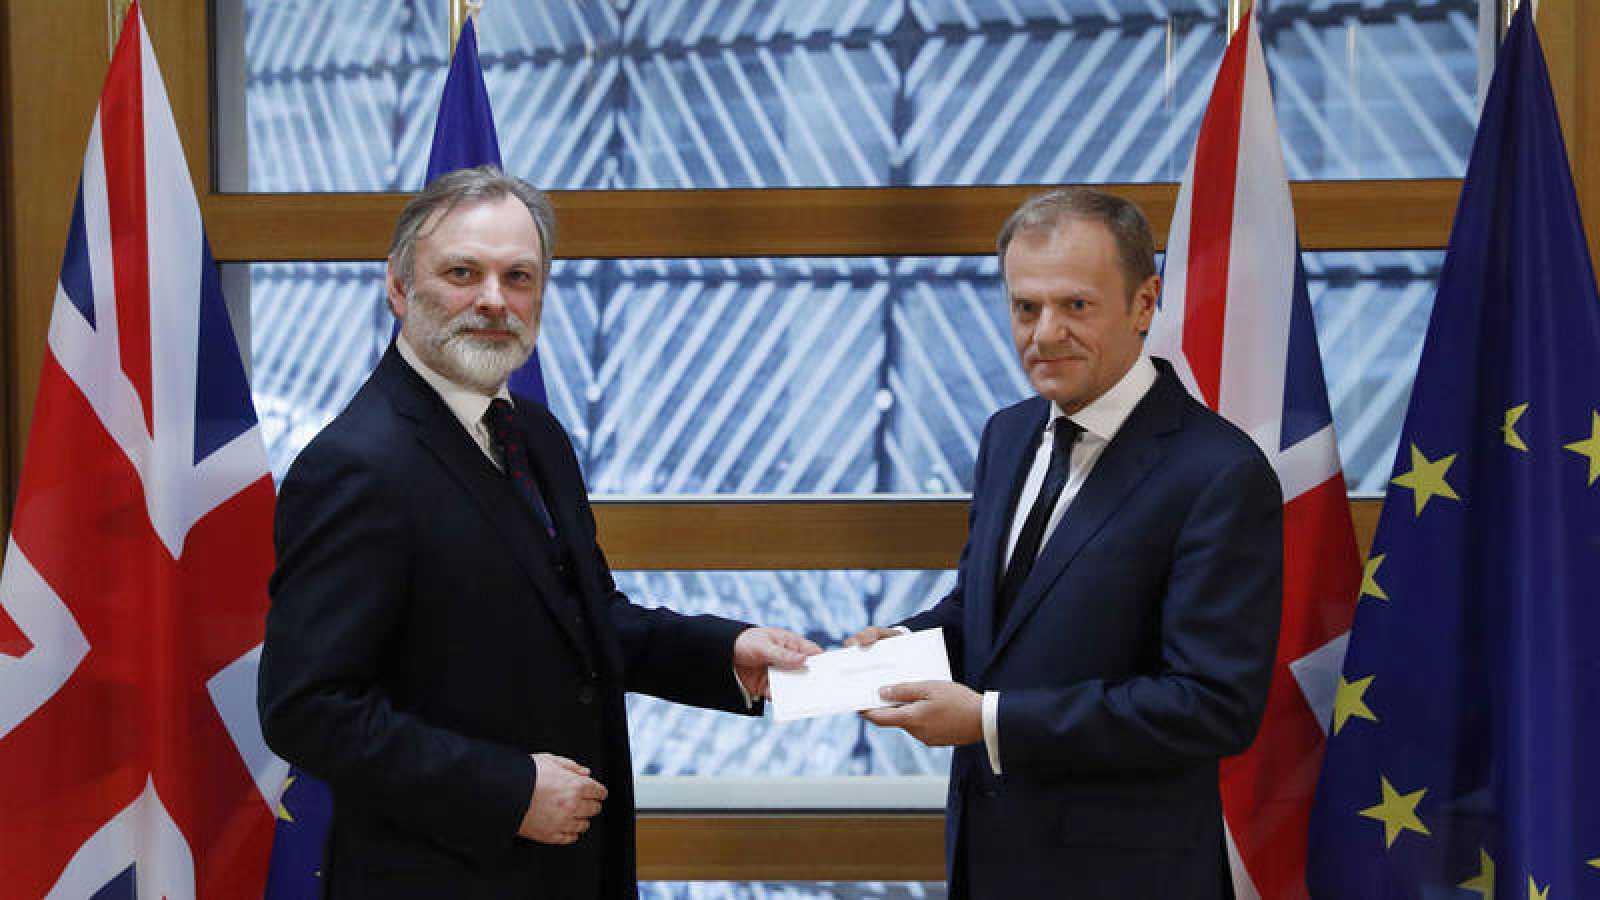 El Tribunal de la UE sentencia que el Reino Unido puede revocar el 'Brexit' de forma unilateral